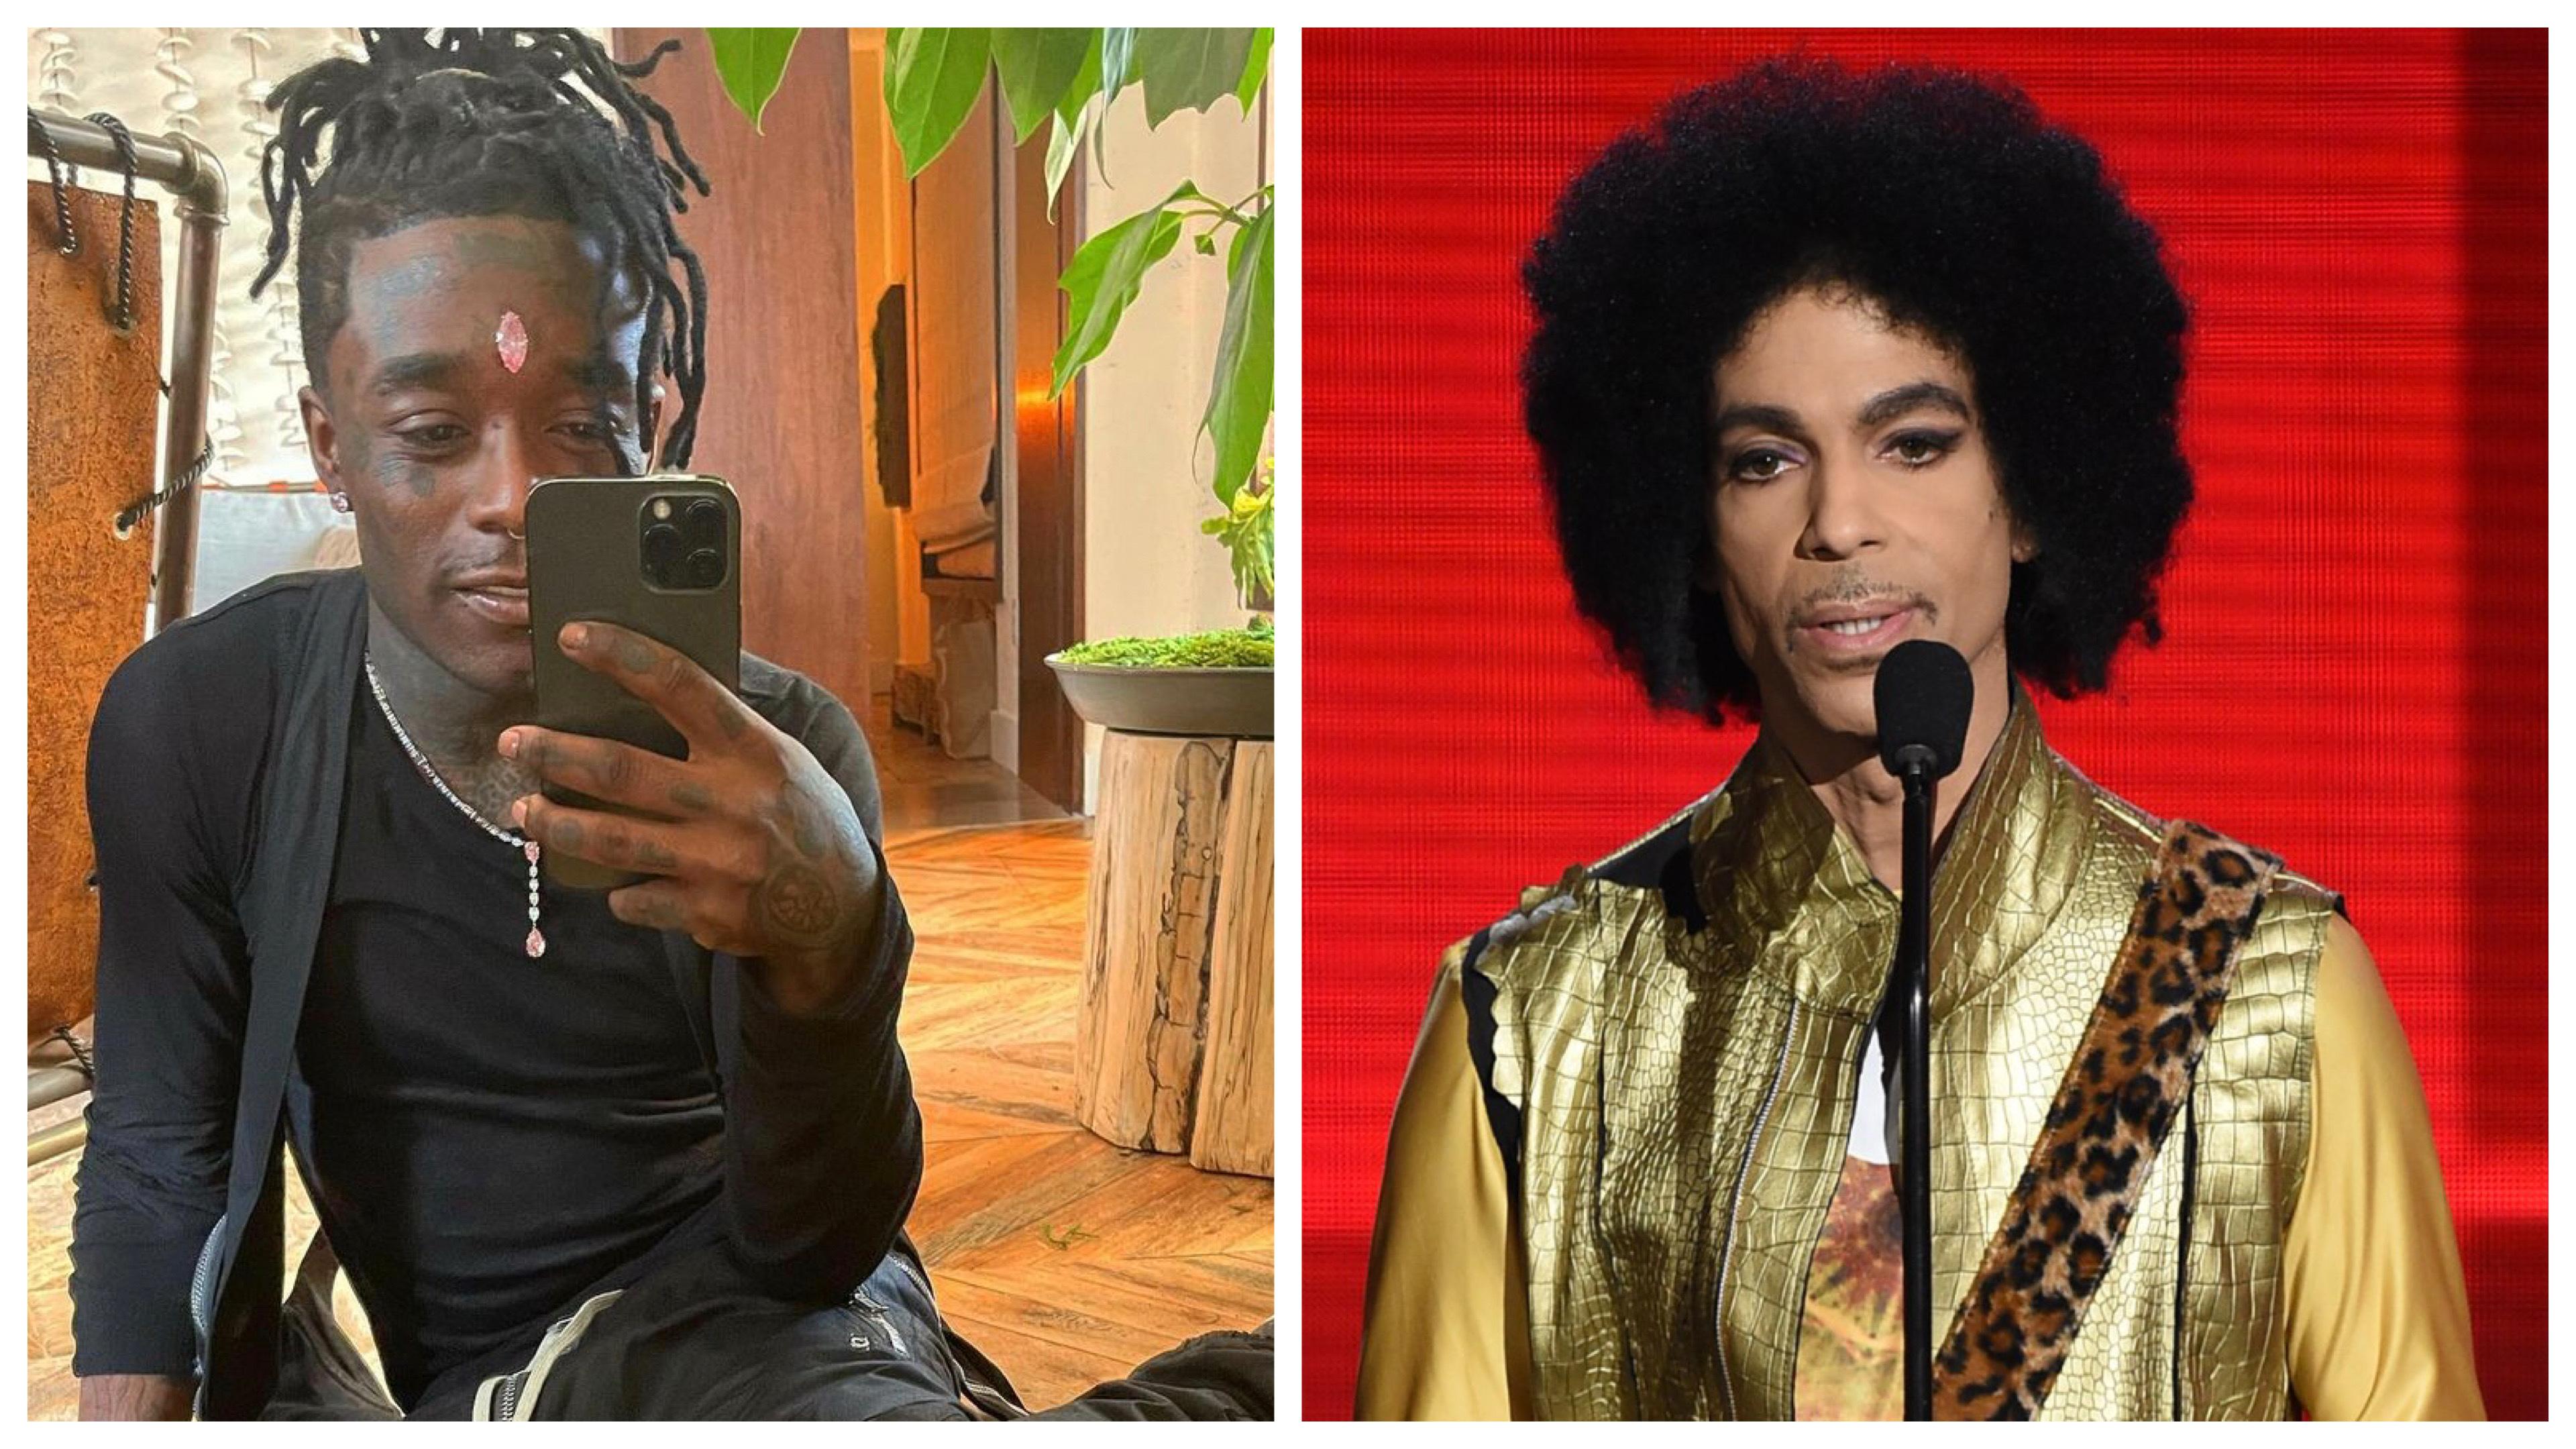 Lil Uzi Vert and Prince